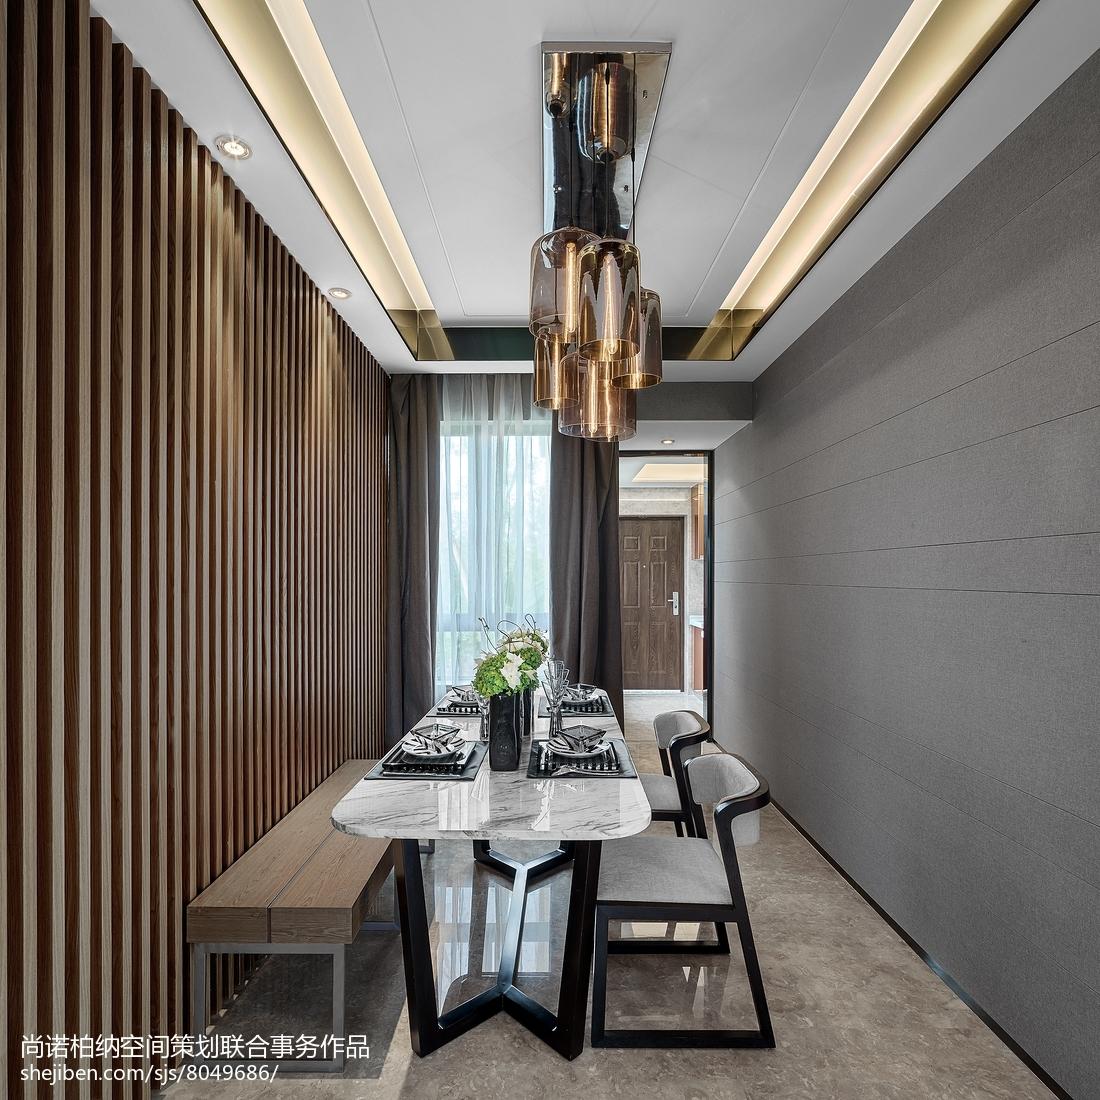 精美现代餐厅装饰图片